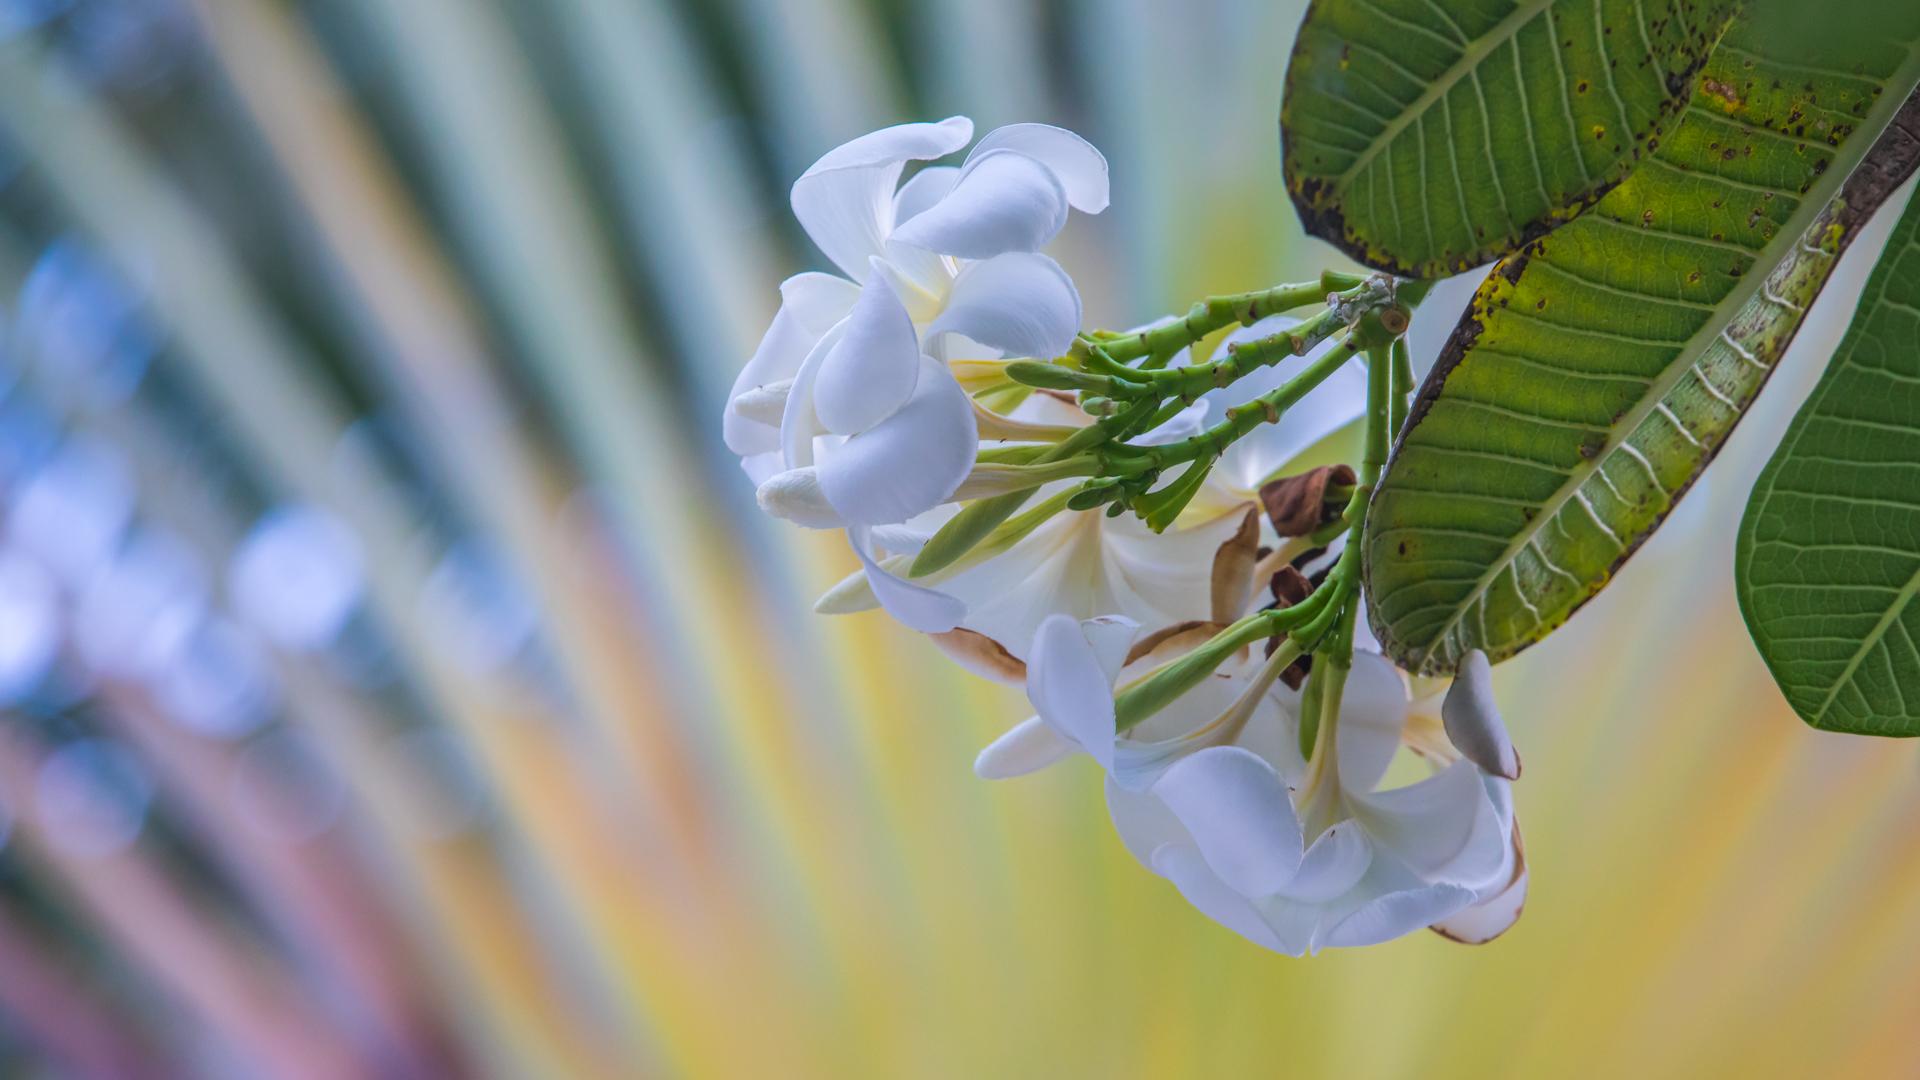 Kuda Huraa flowers everywhere